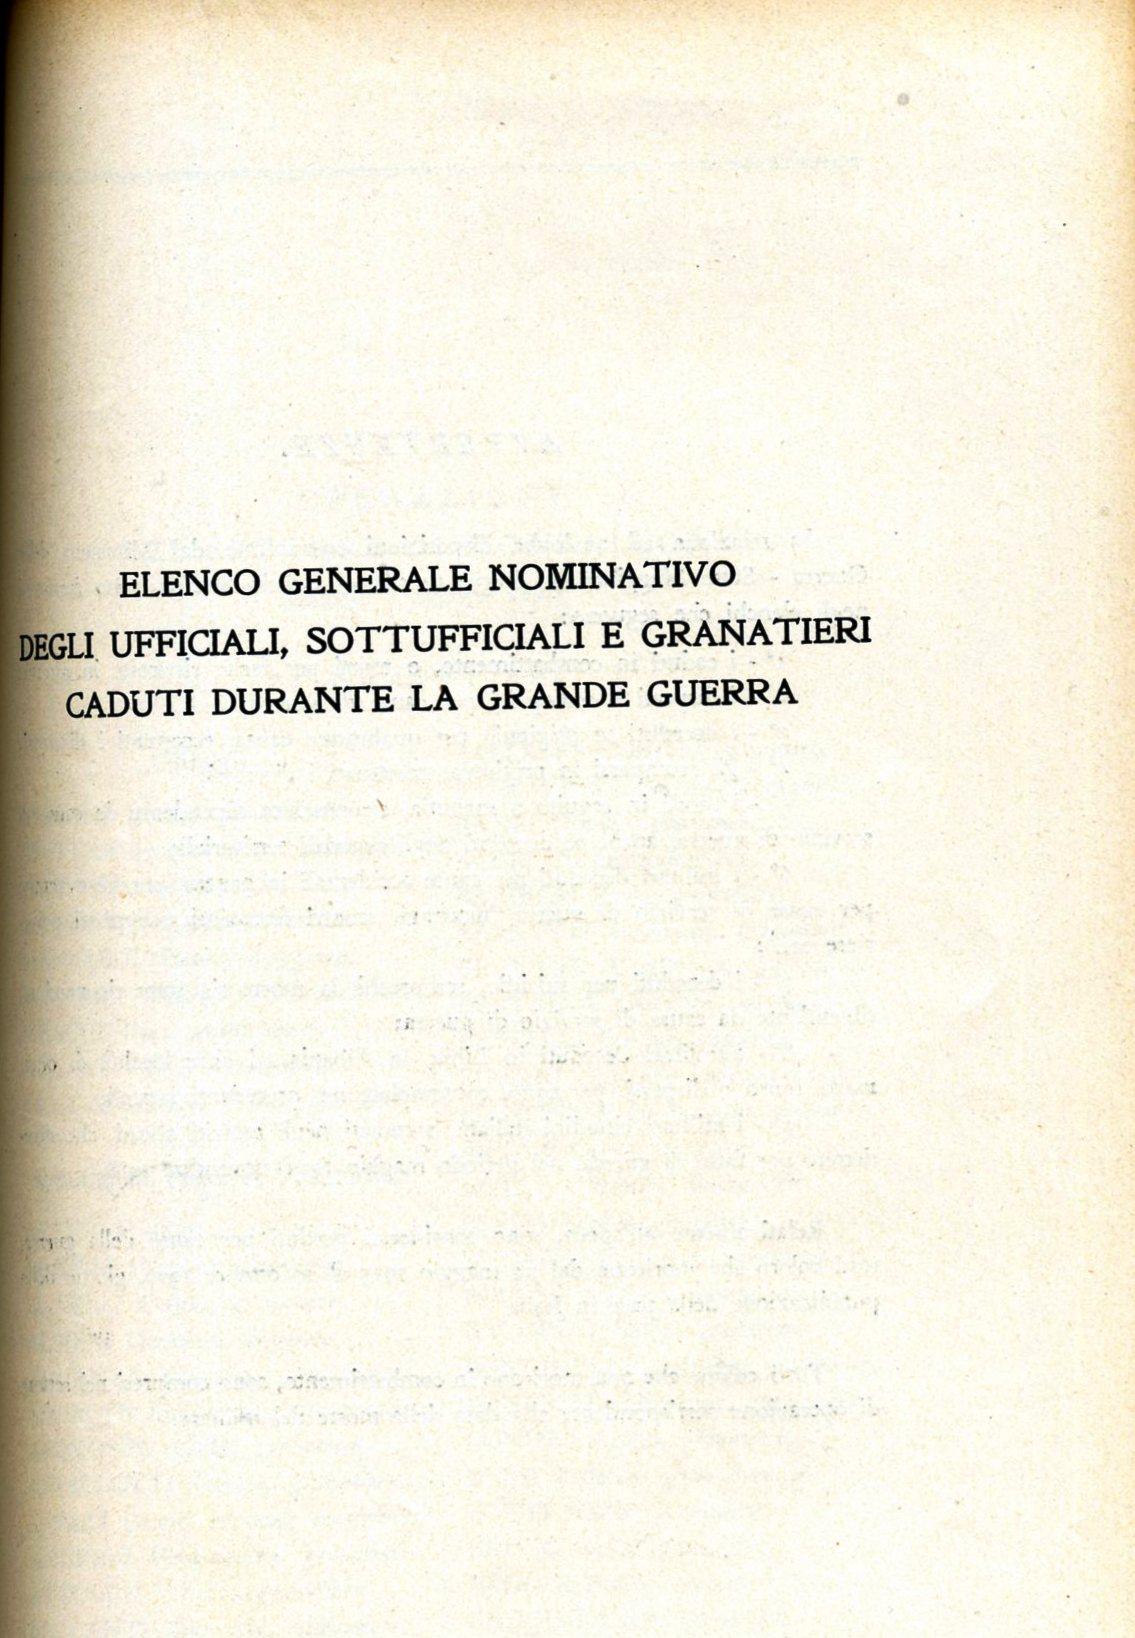 Elenco generale nominativo U., SU., Gra. Caduti nella Grande Guerra